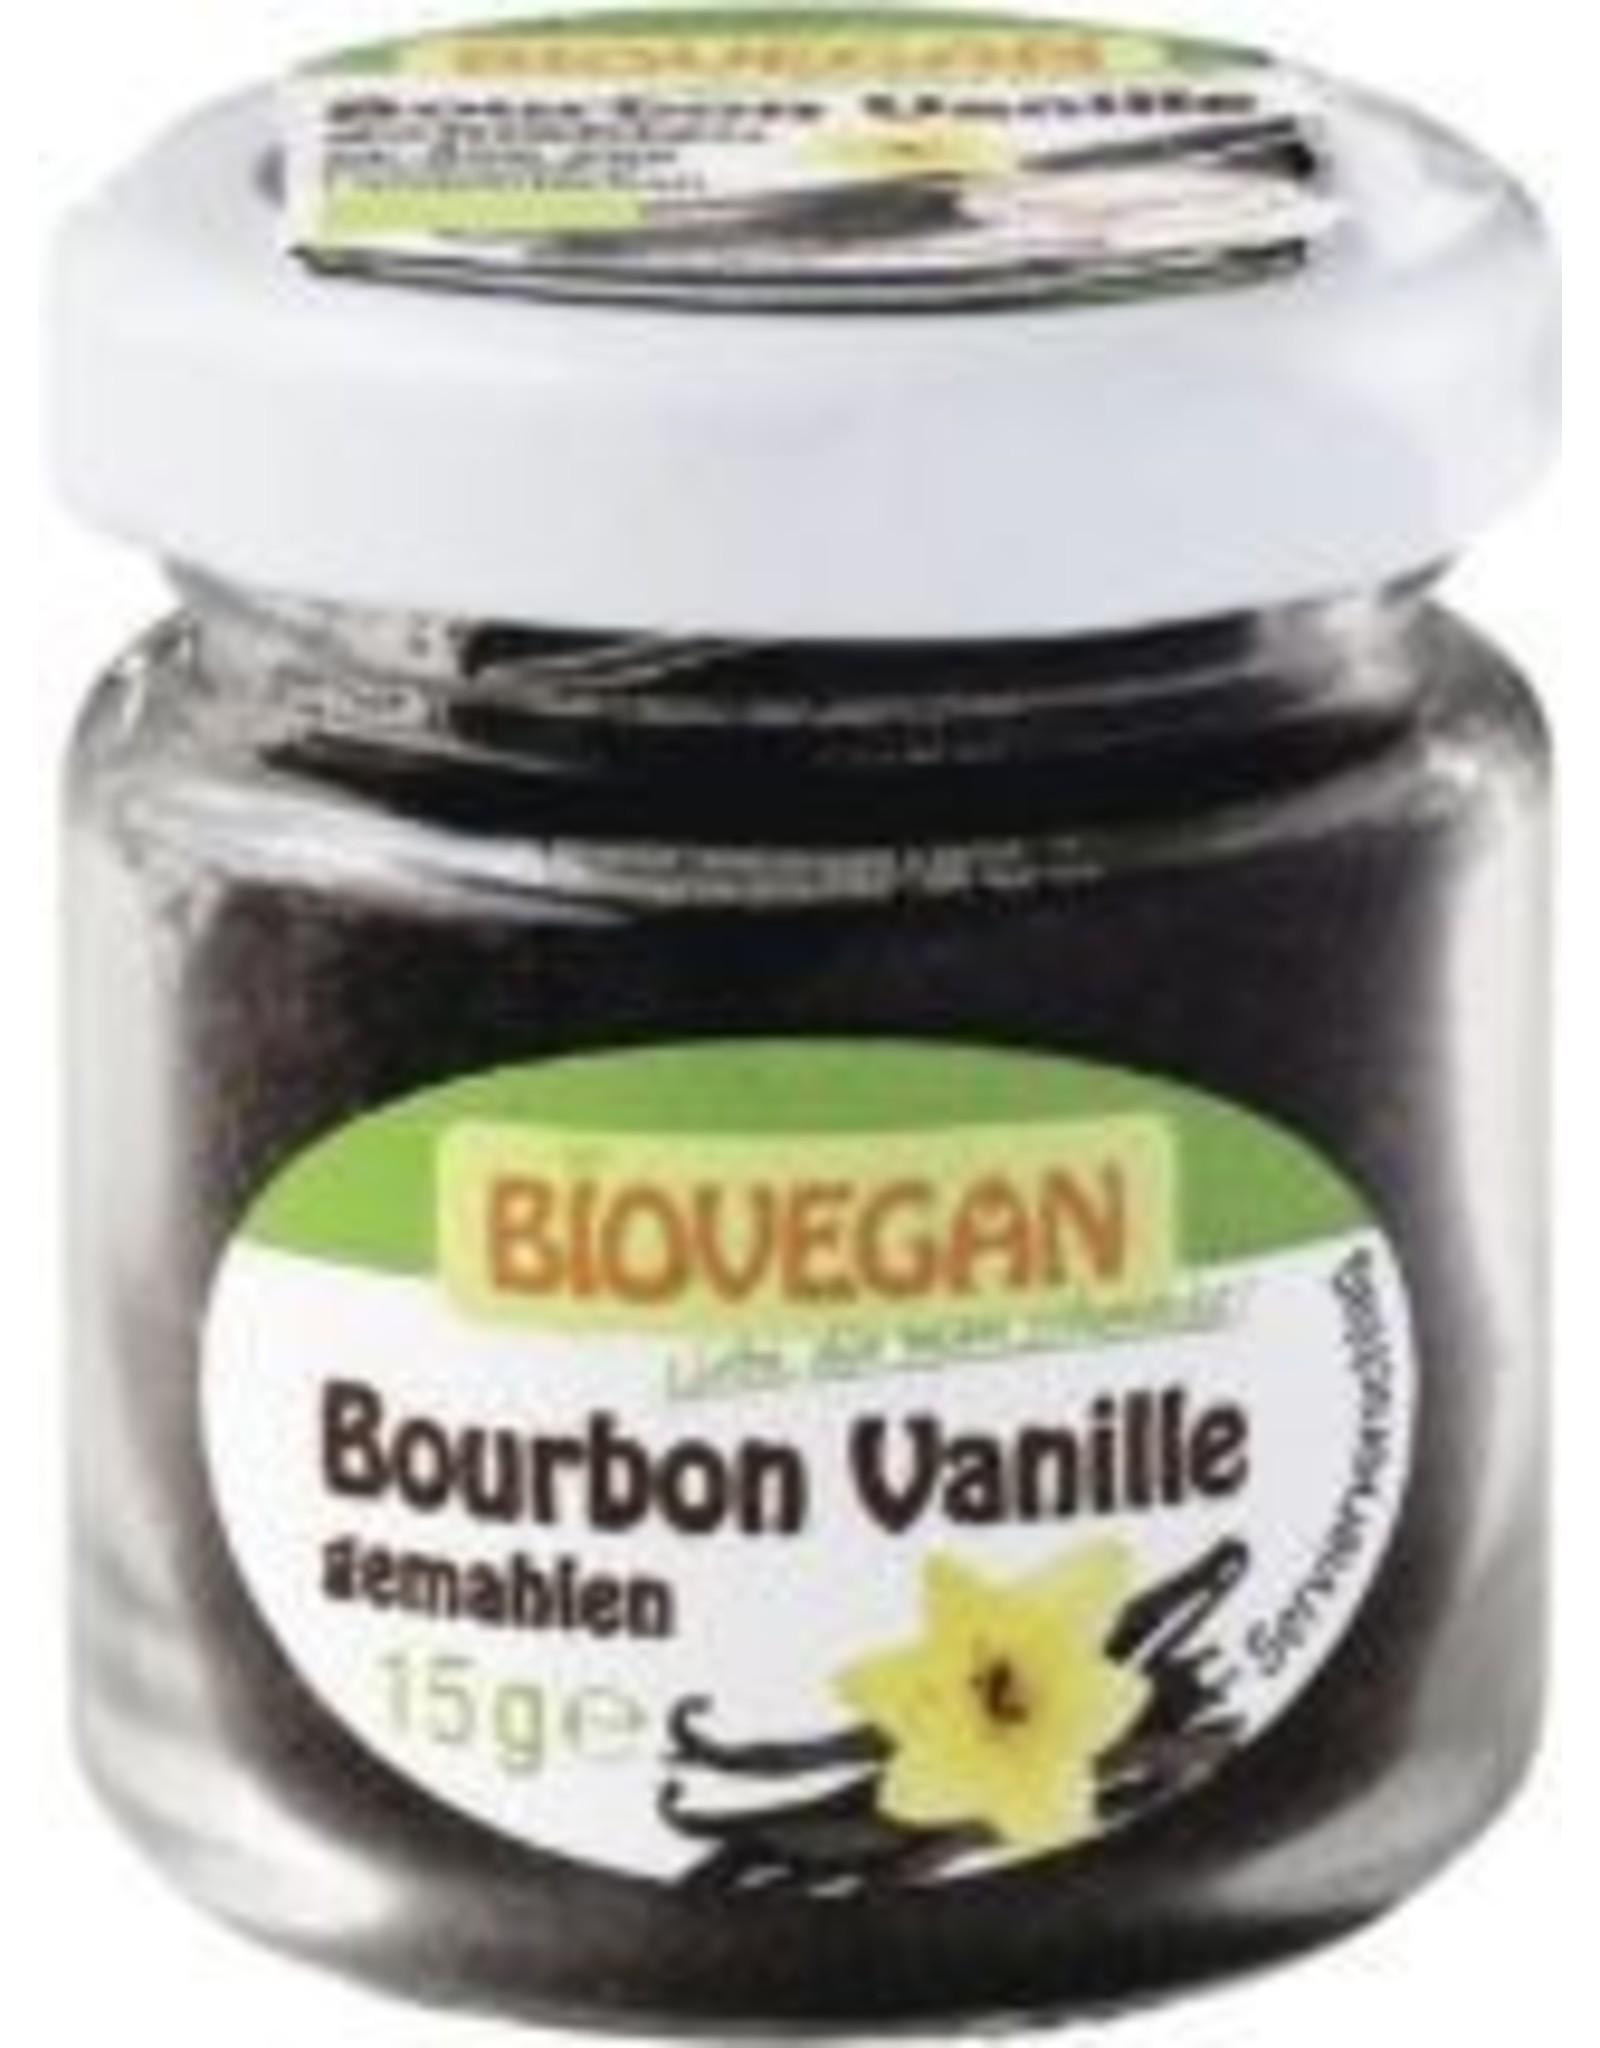 BIOVEGAN Bourbon Vanille im Glas, gemahlen, Bio, 15g